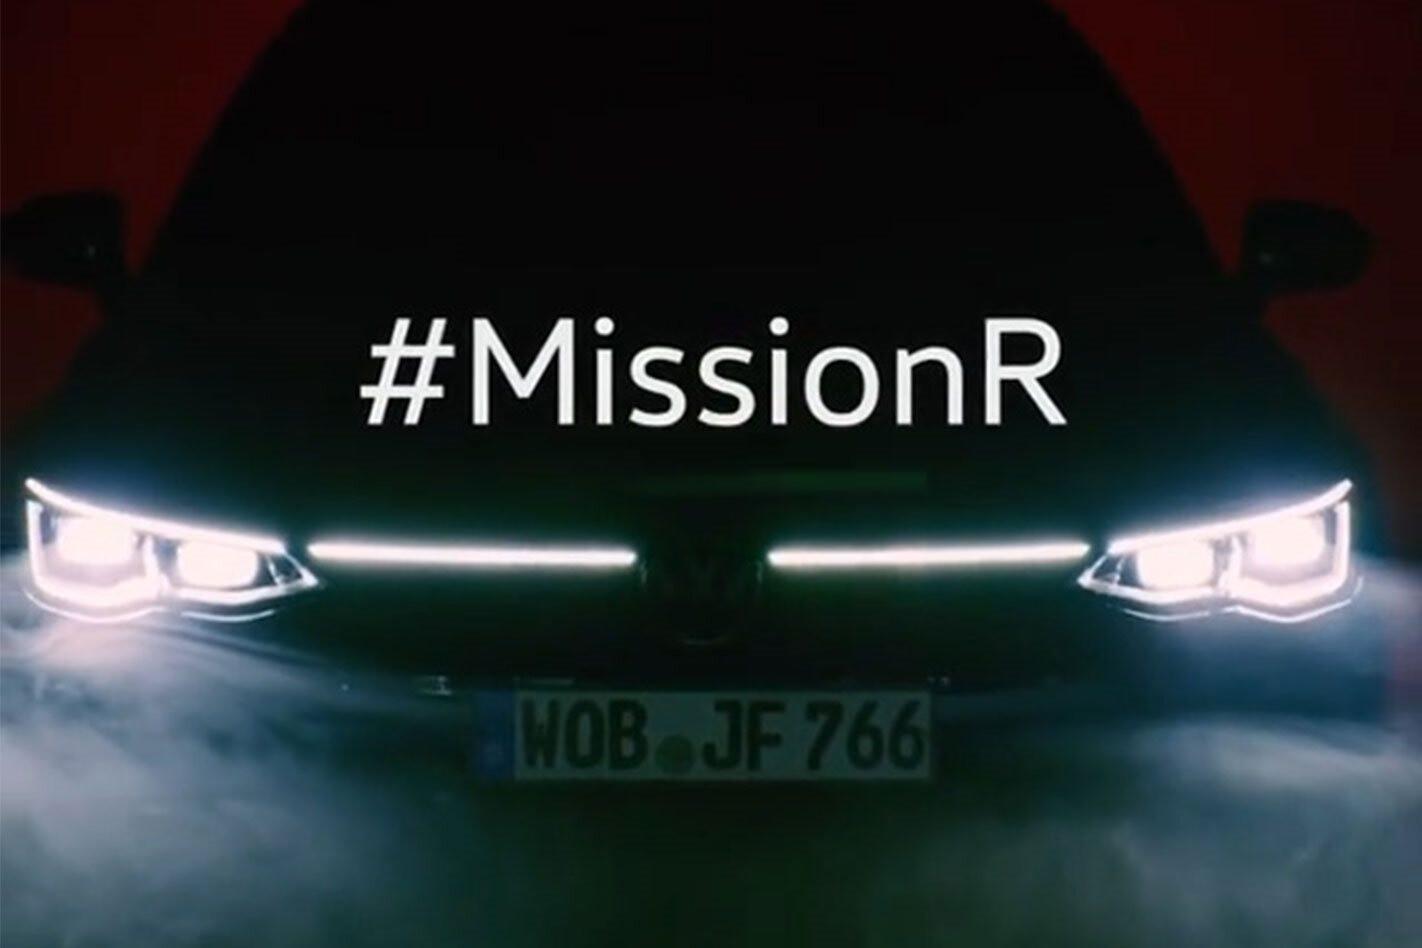 2021 Volkswagen Mk8 Golf R confirmed